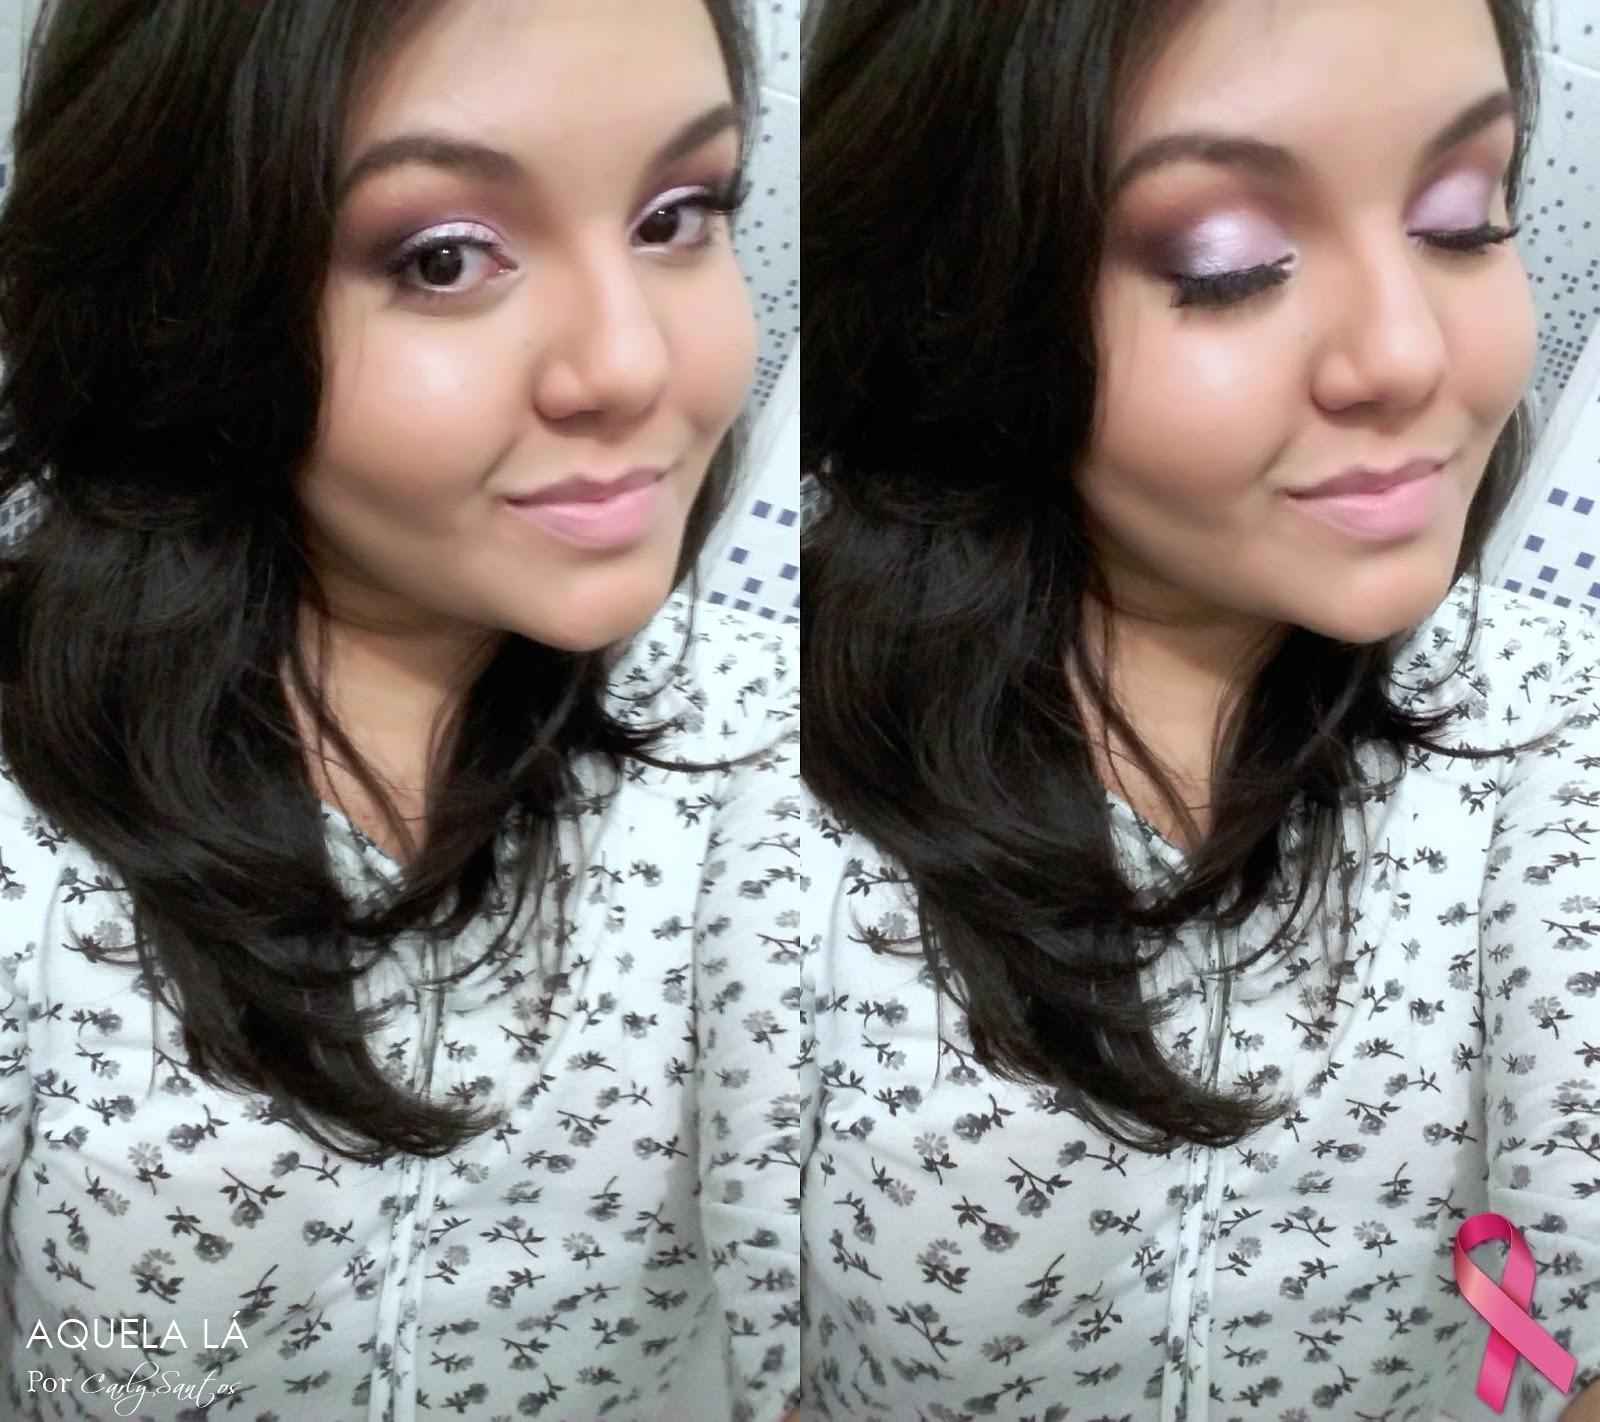 Maquiagem rosa quartzo, pantone, outubro rosa 2015, maquiagem rosinha, suave e delicada